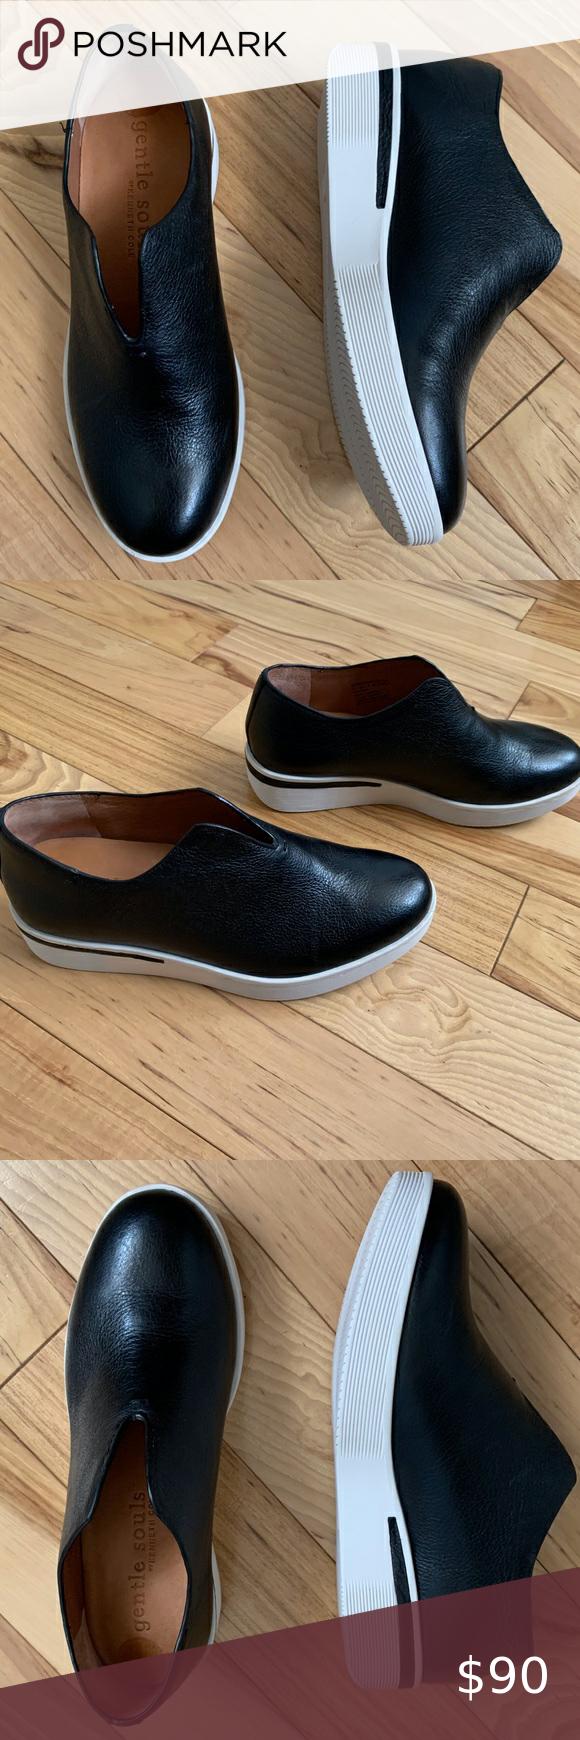 KENNETH COLE Halden Comfort Shoe